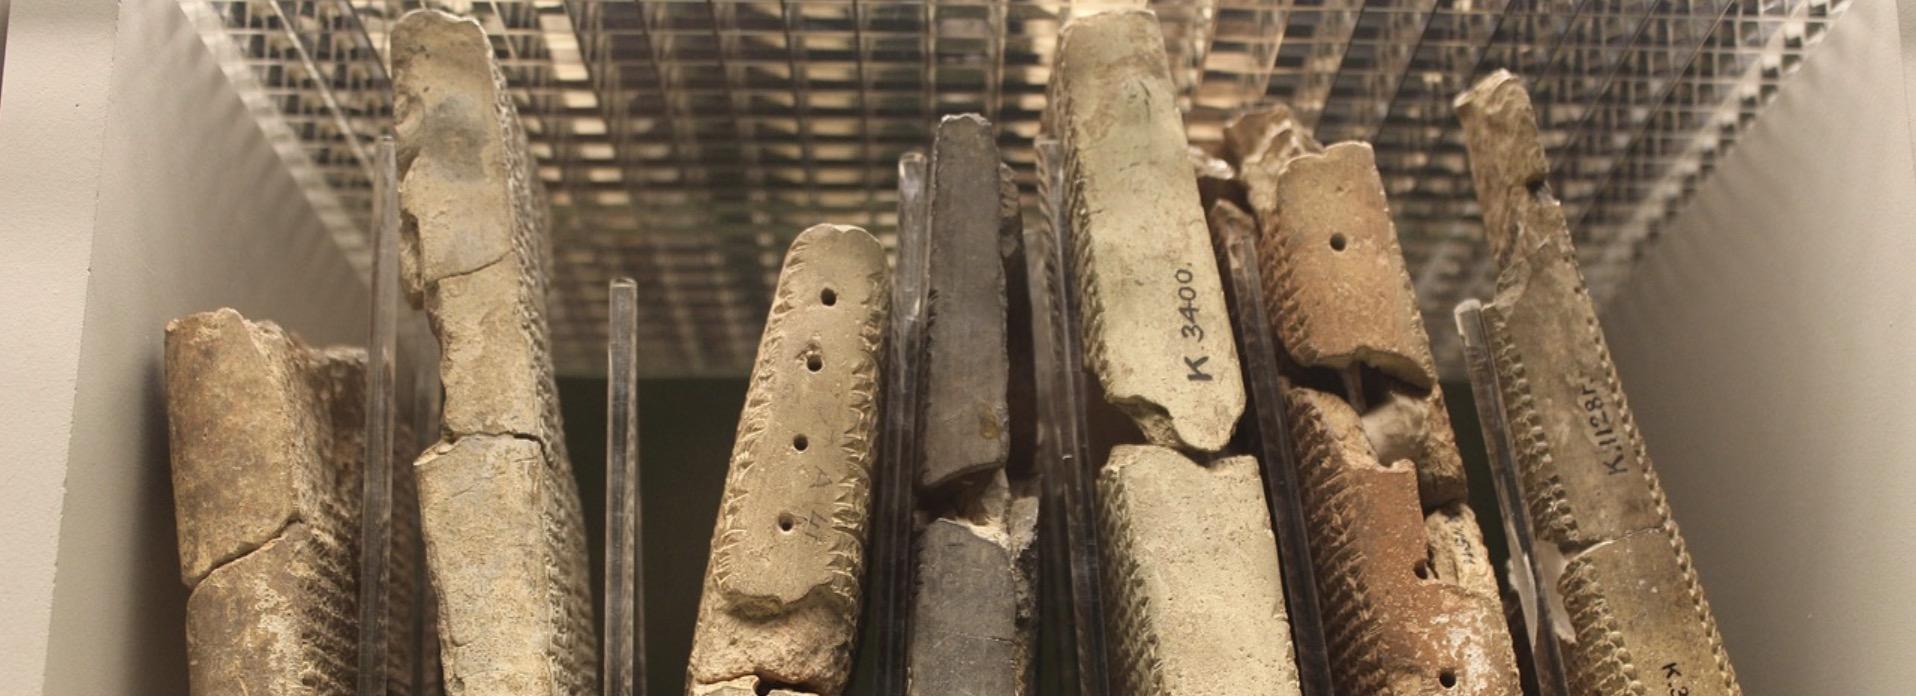 Un Français a réussi a déchiffré une écriture vieille de plus de 4000 ans ! - Ça m'intéresse